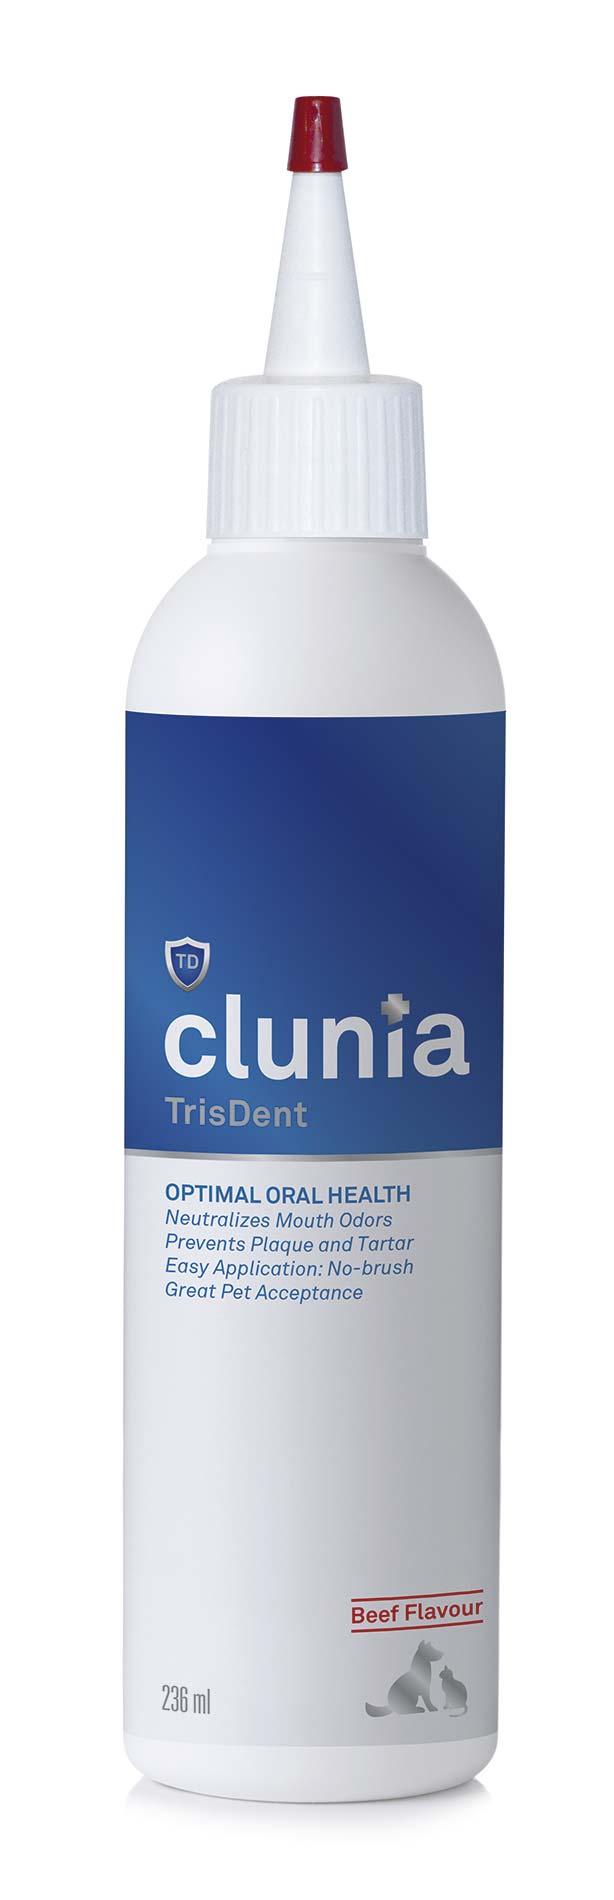 CLUNIA TRISDENT 236 ML